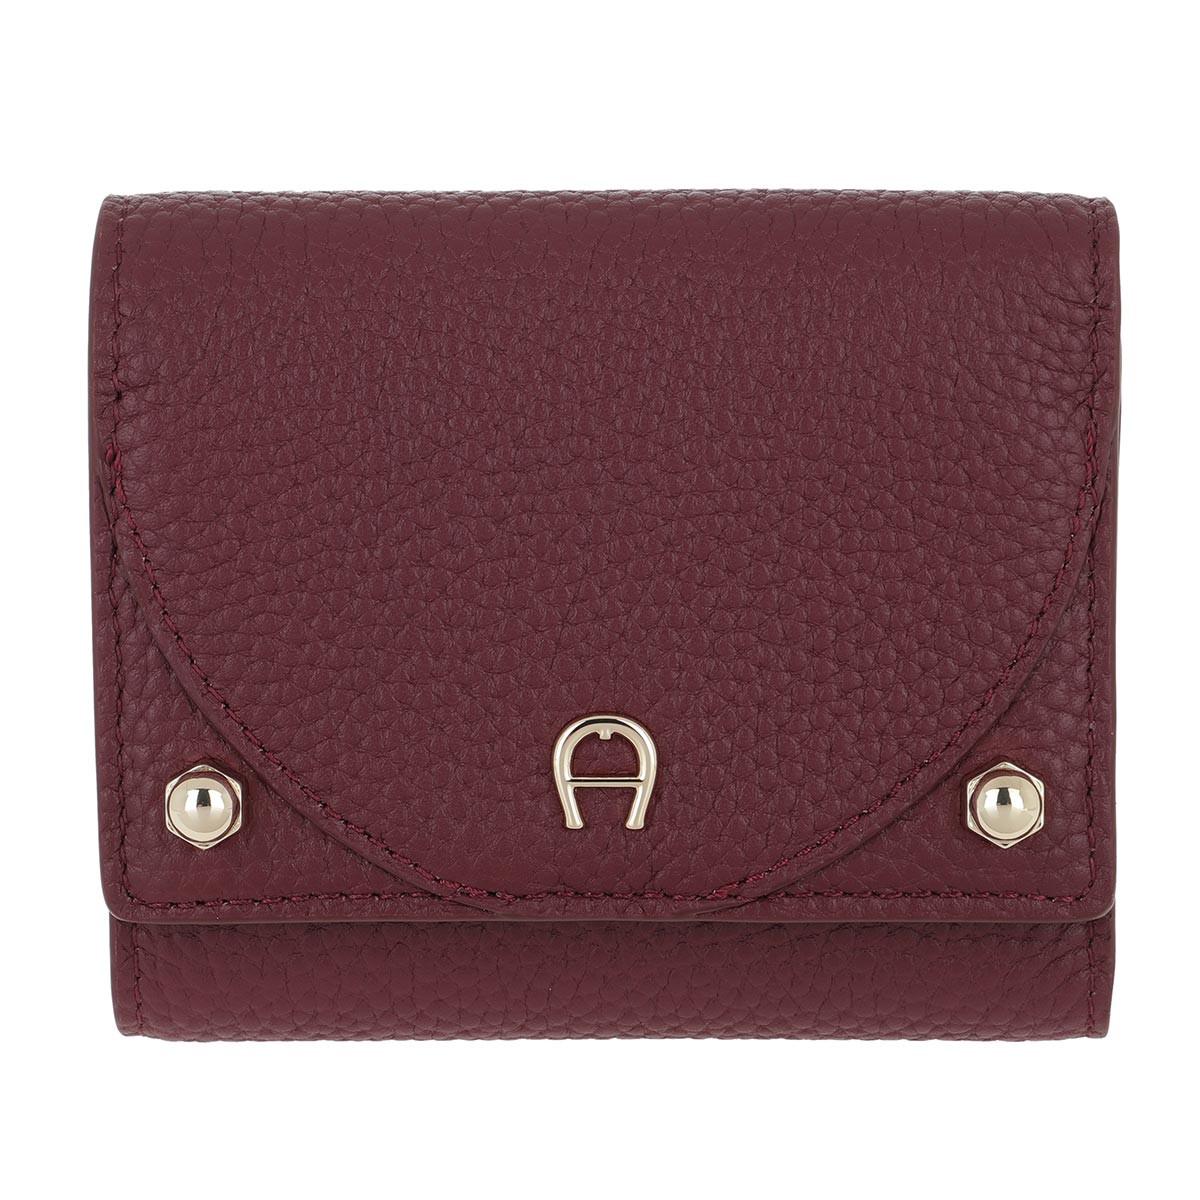 Aigner Portemonnaie - Wallet Diadora Burgundy - in rot - für Damen